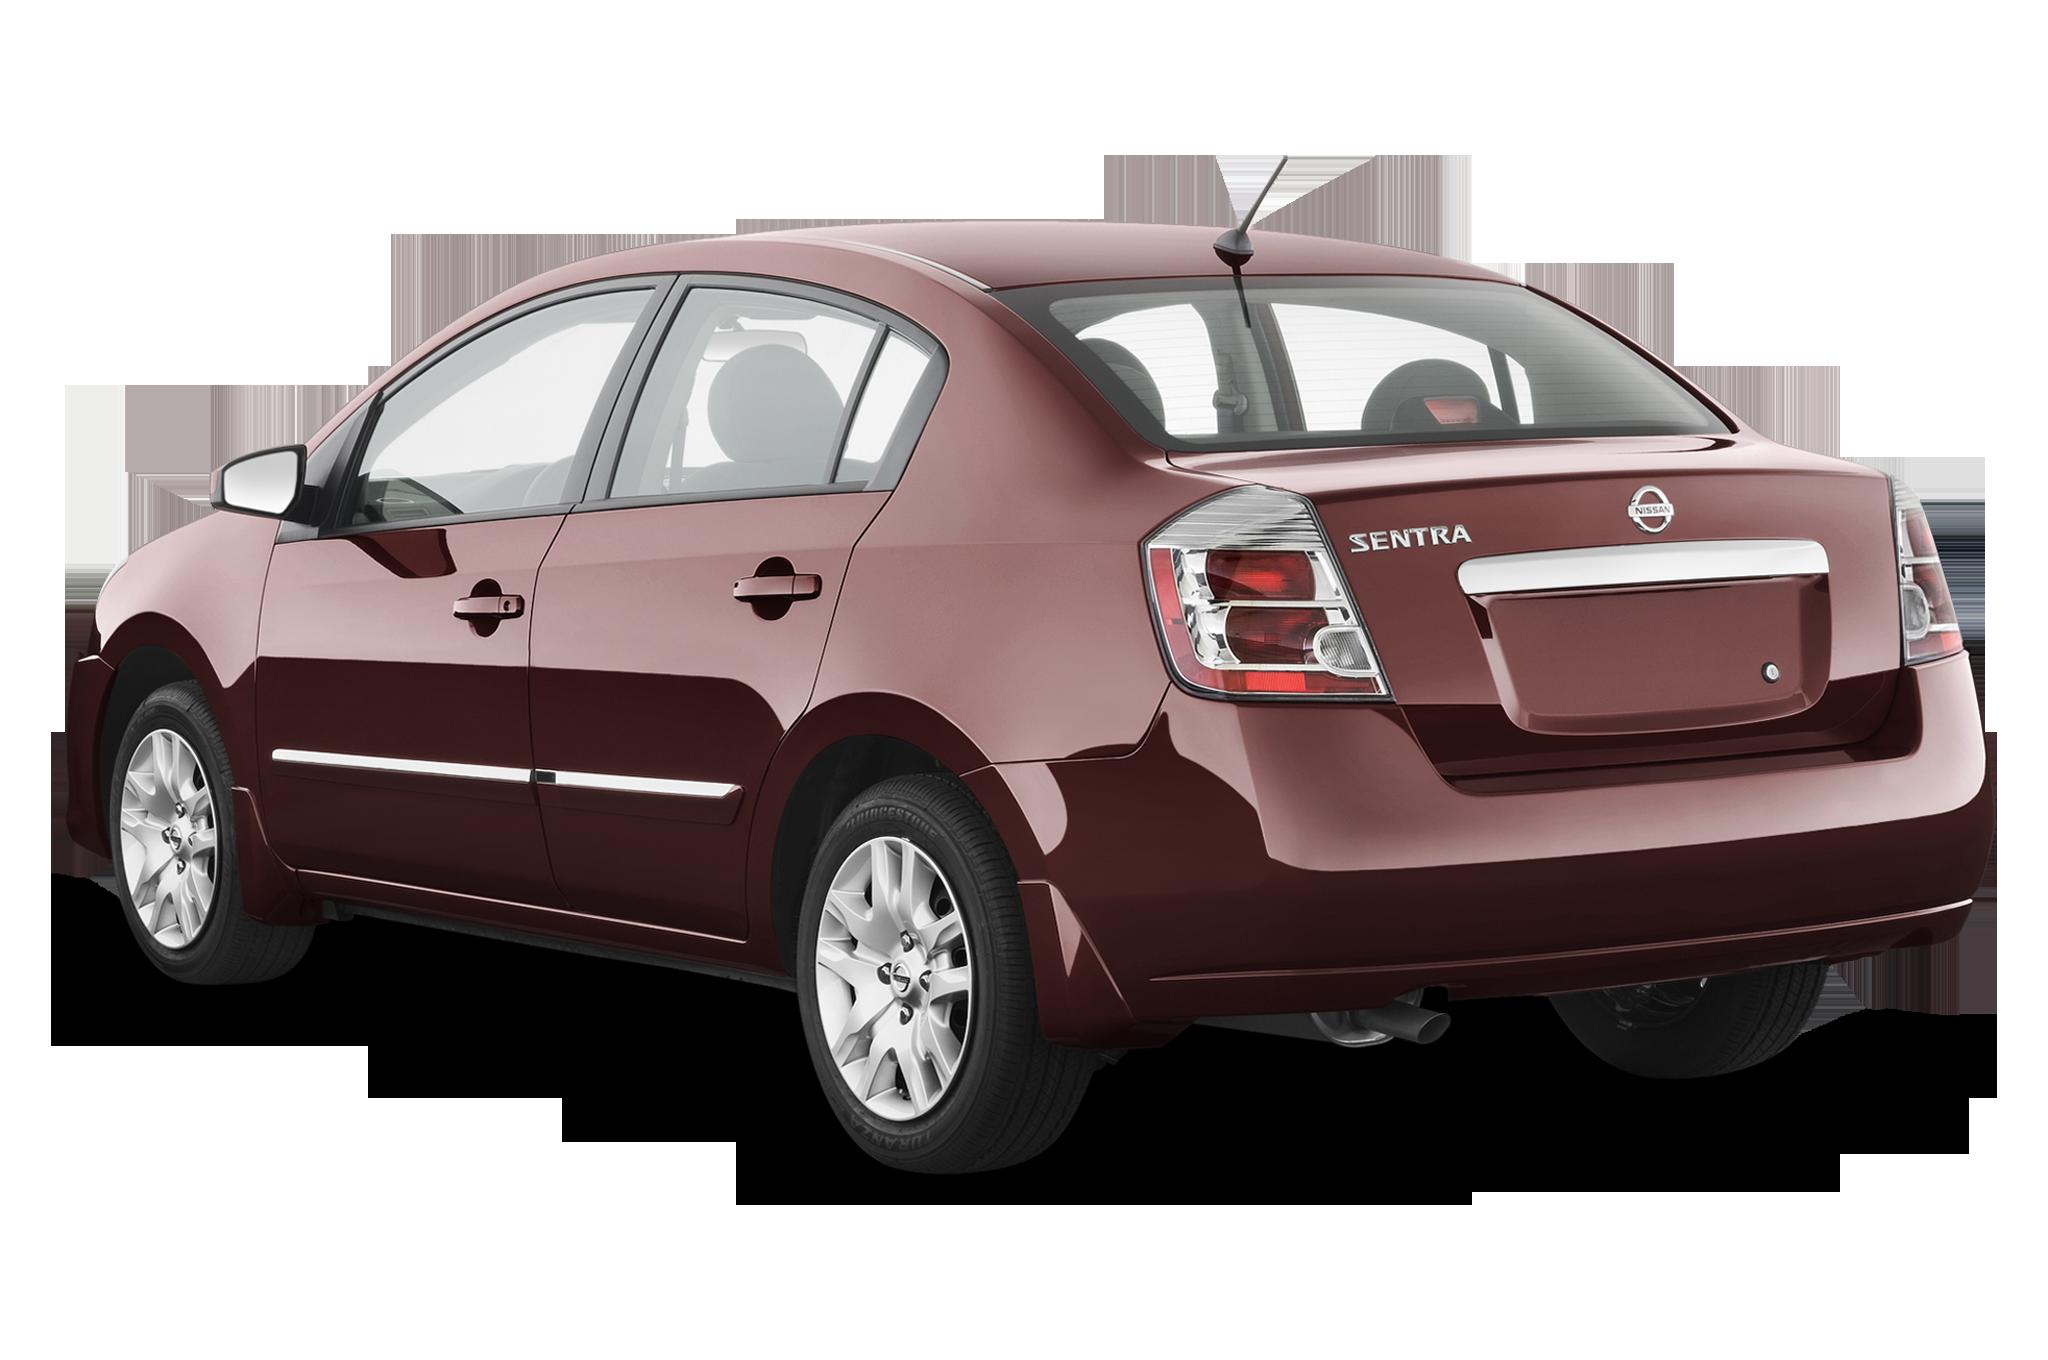 2010 Nissan Sentra SE R Spec V